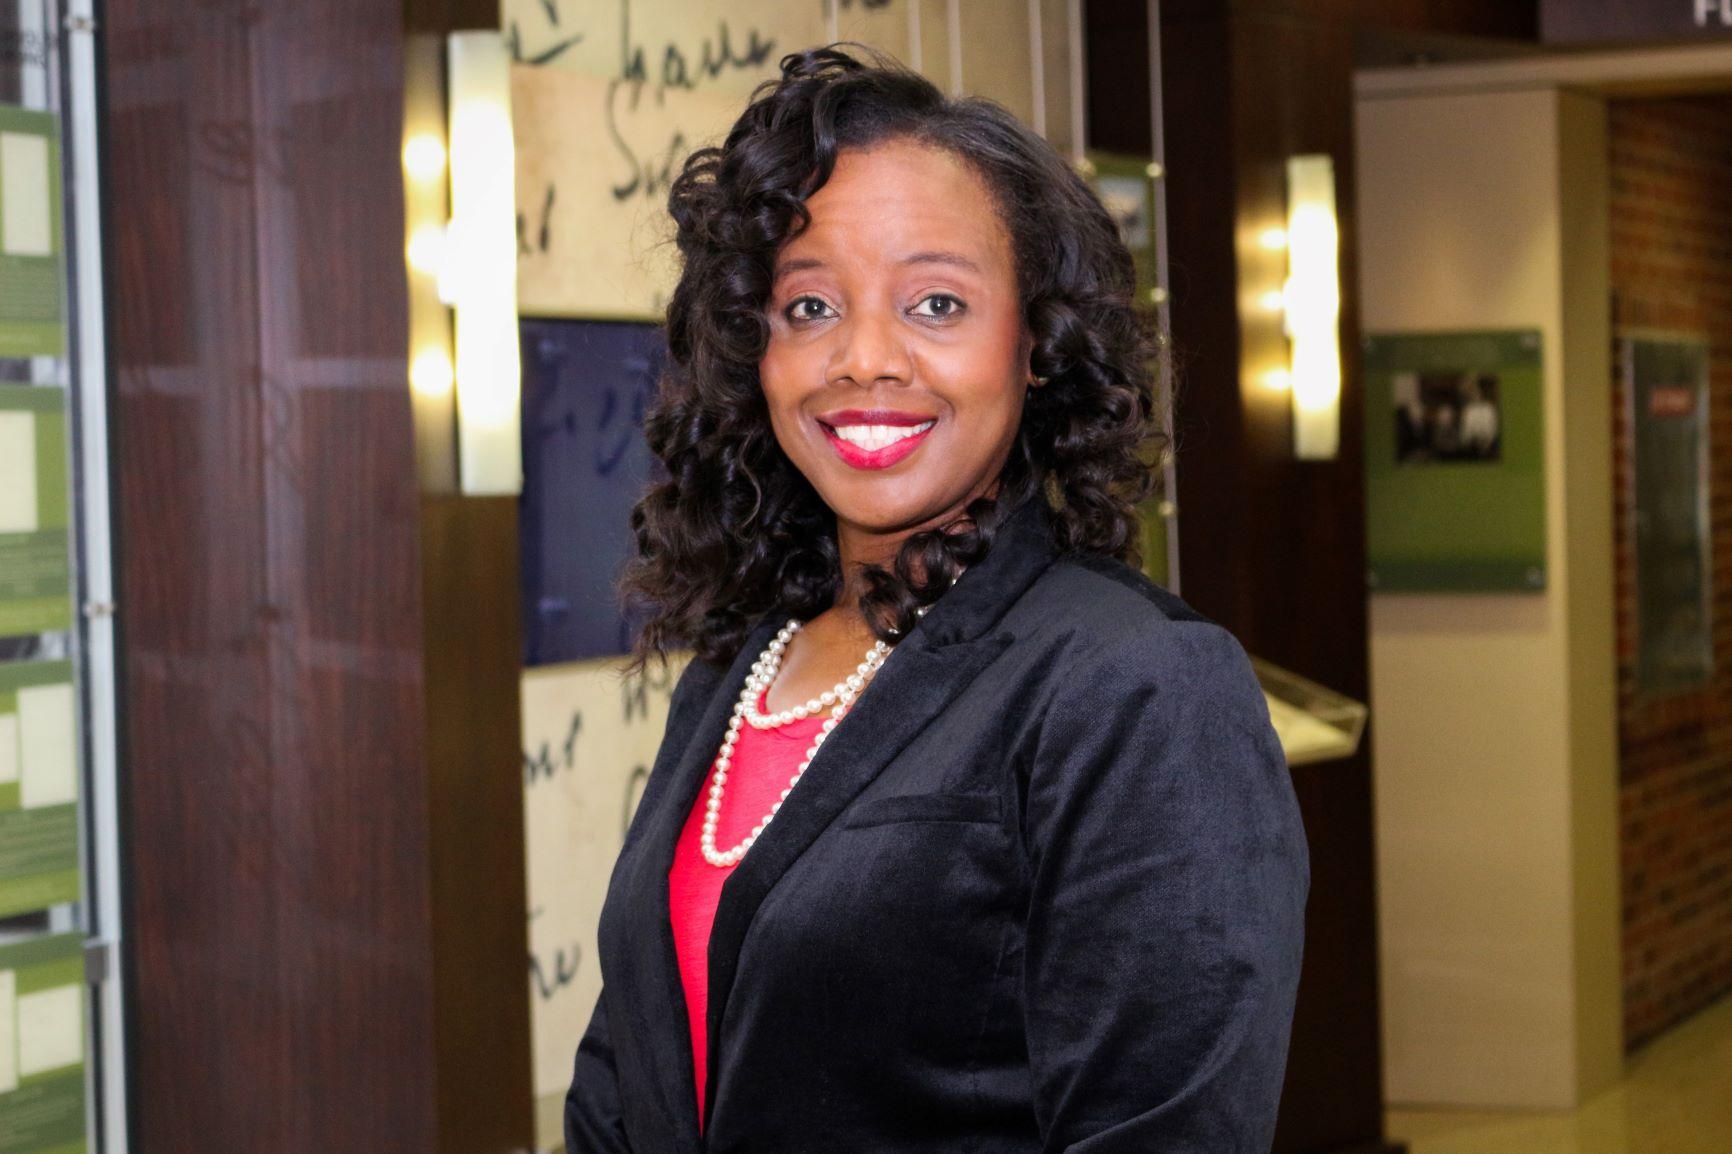 Pamela G. Bowen, PhD, FNP-BC, BBA